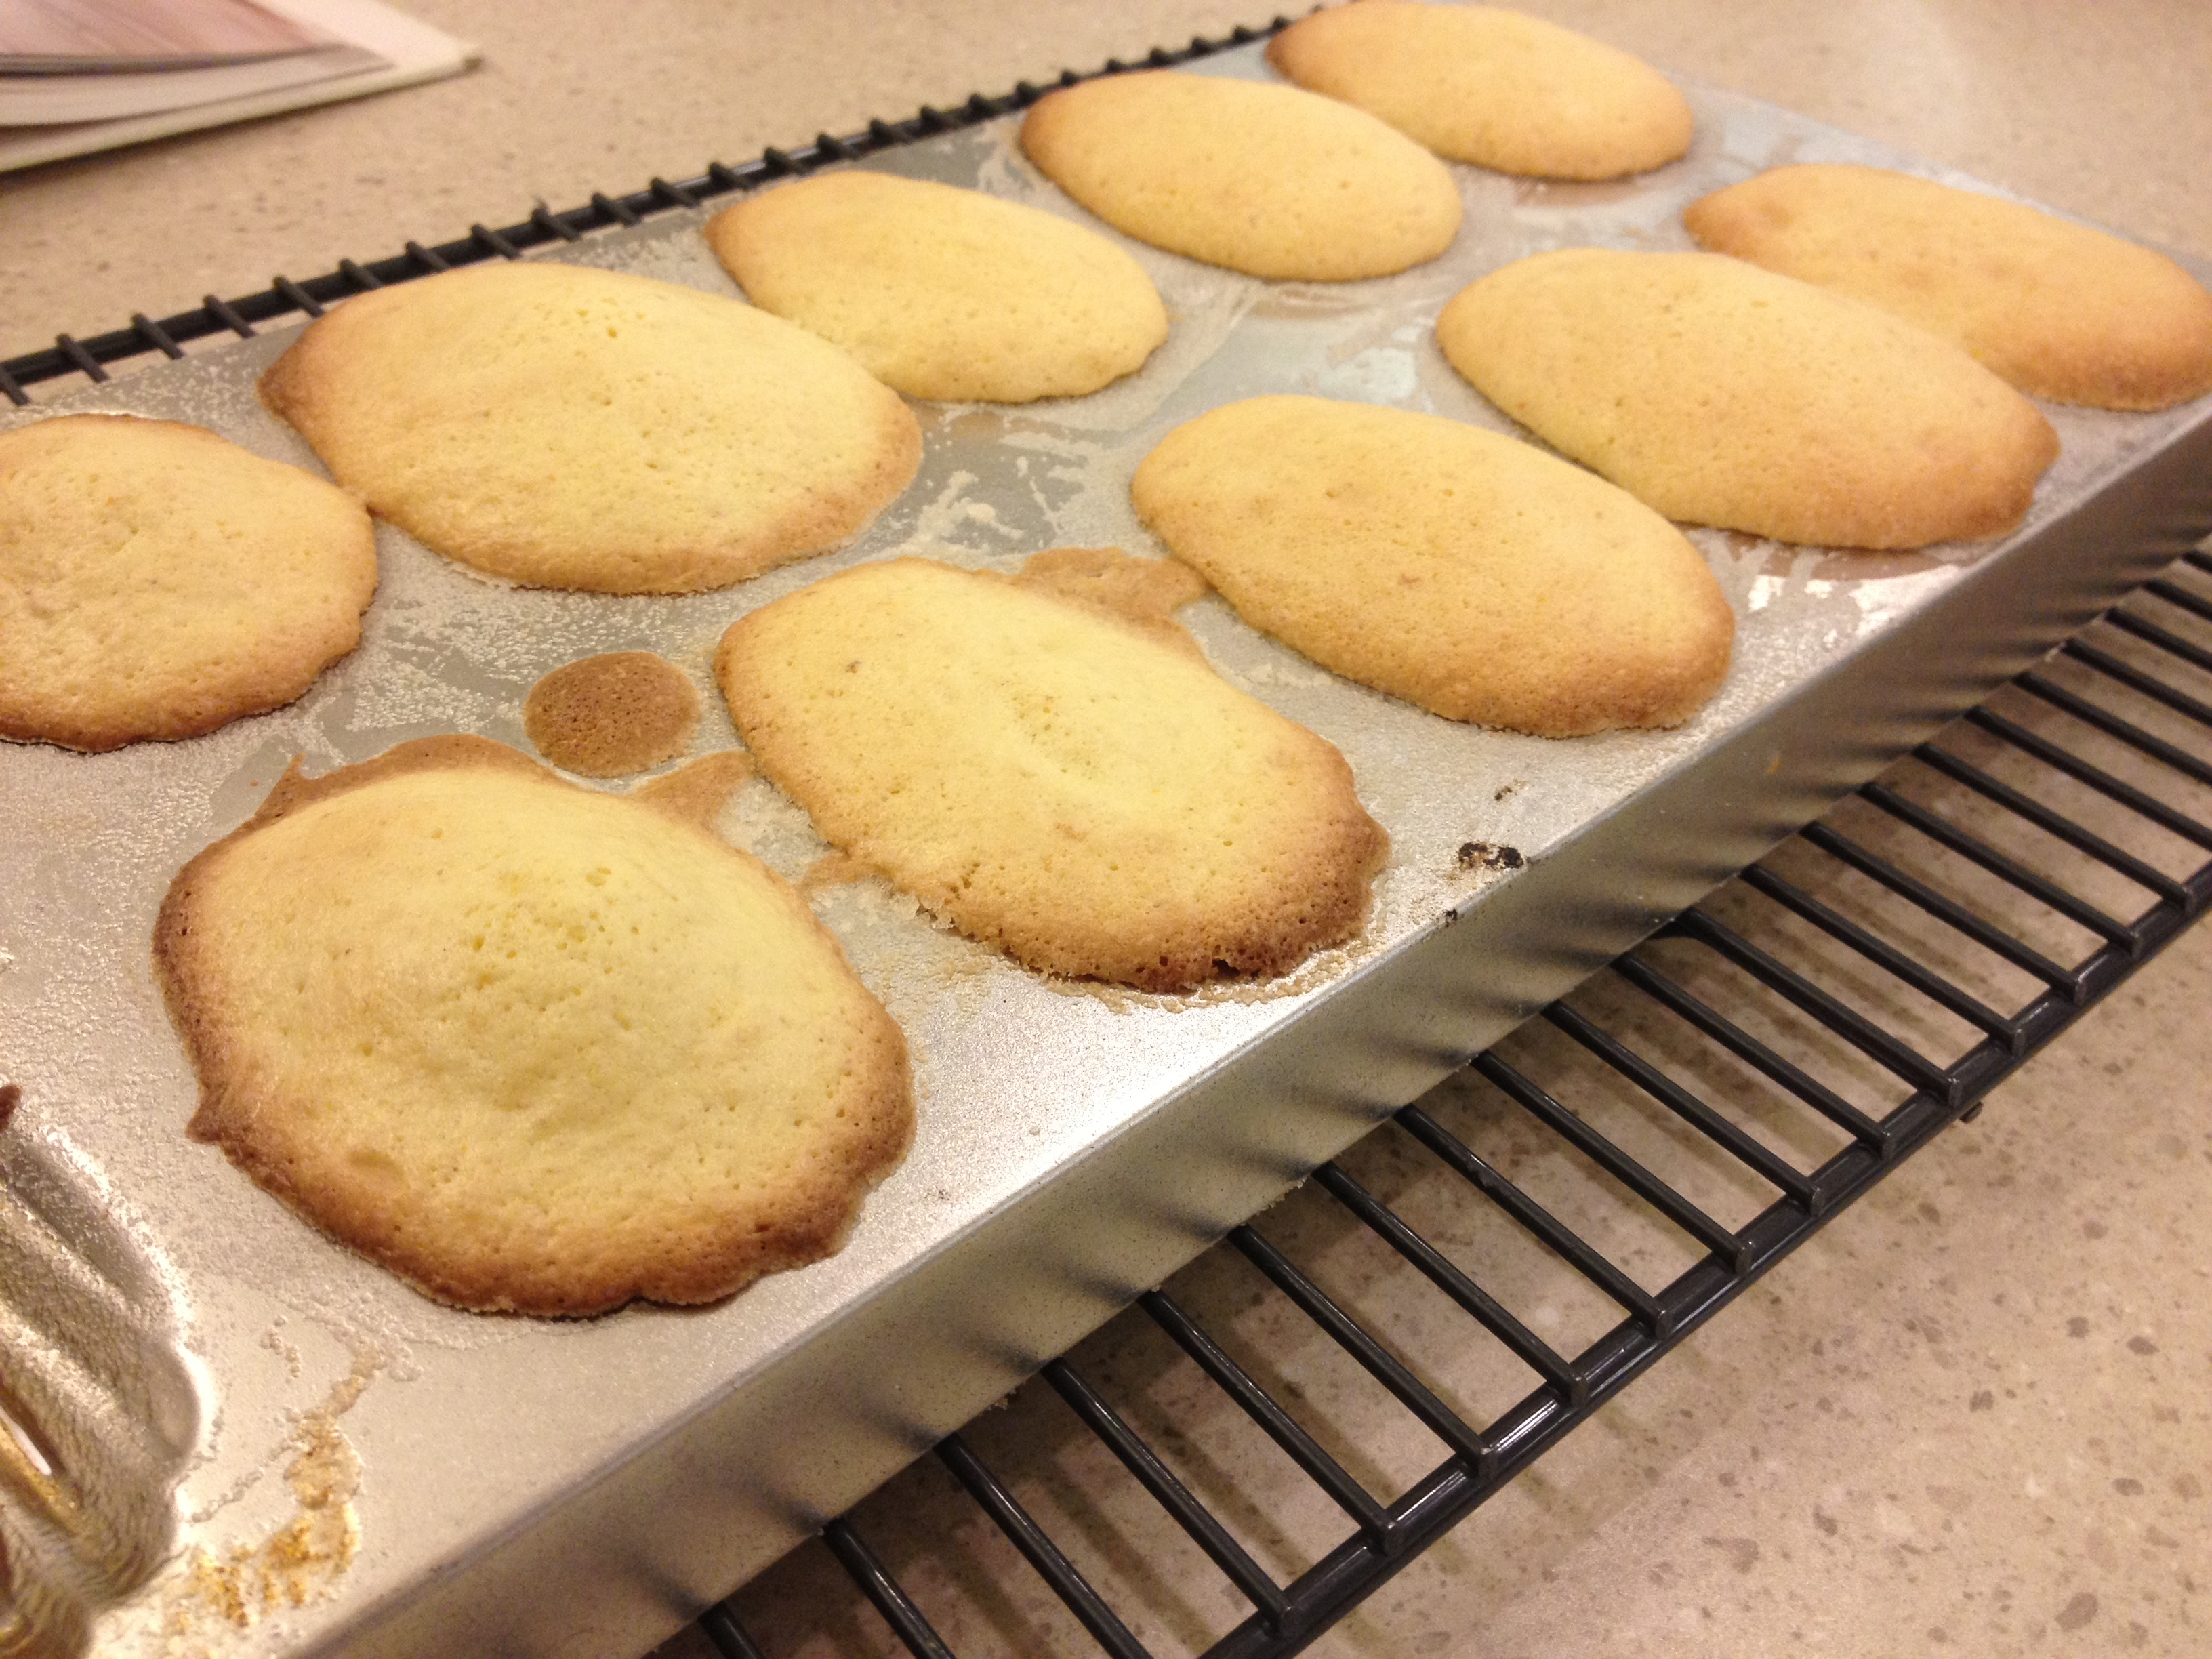 Almond Scones With Grand Marnier Glaze Recipes — Dishmaps